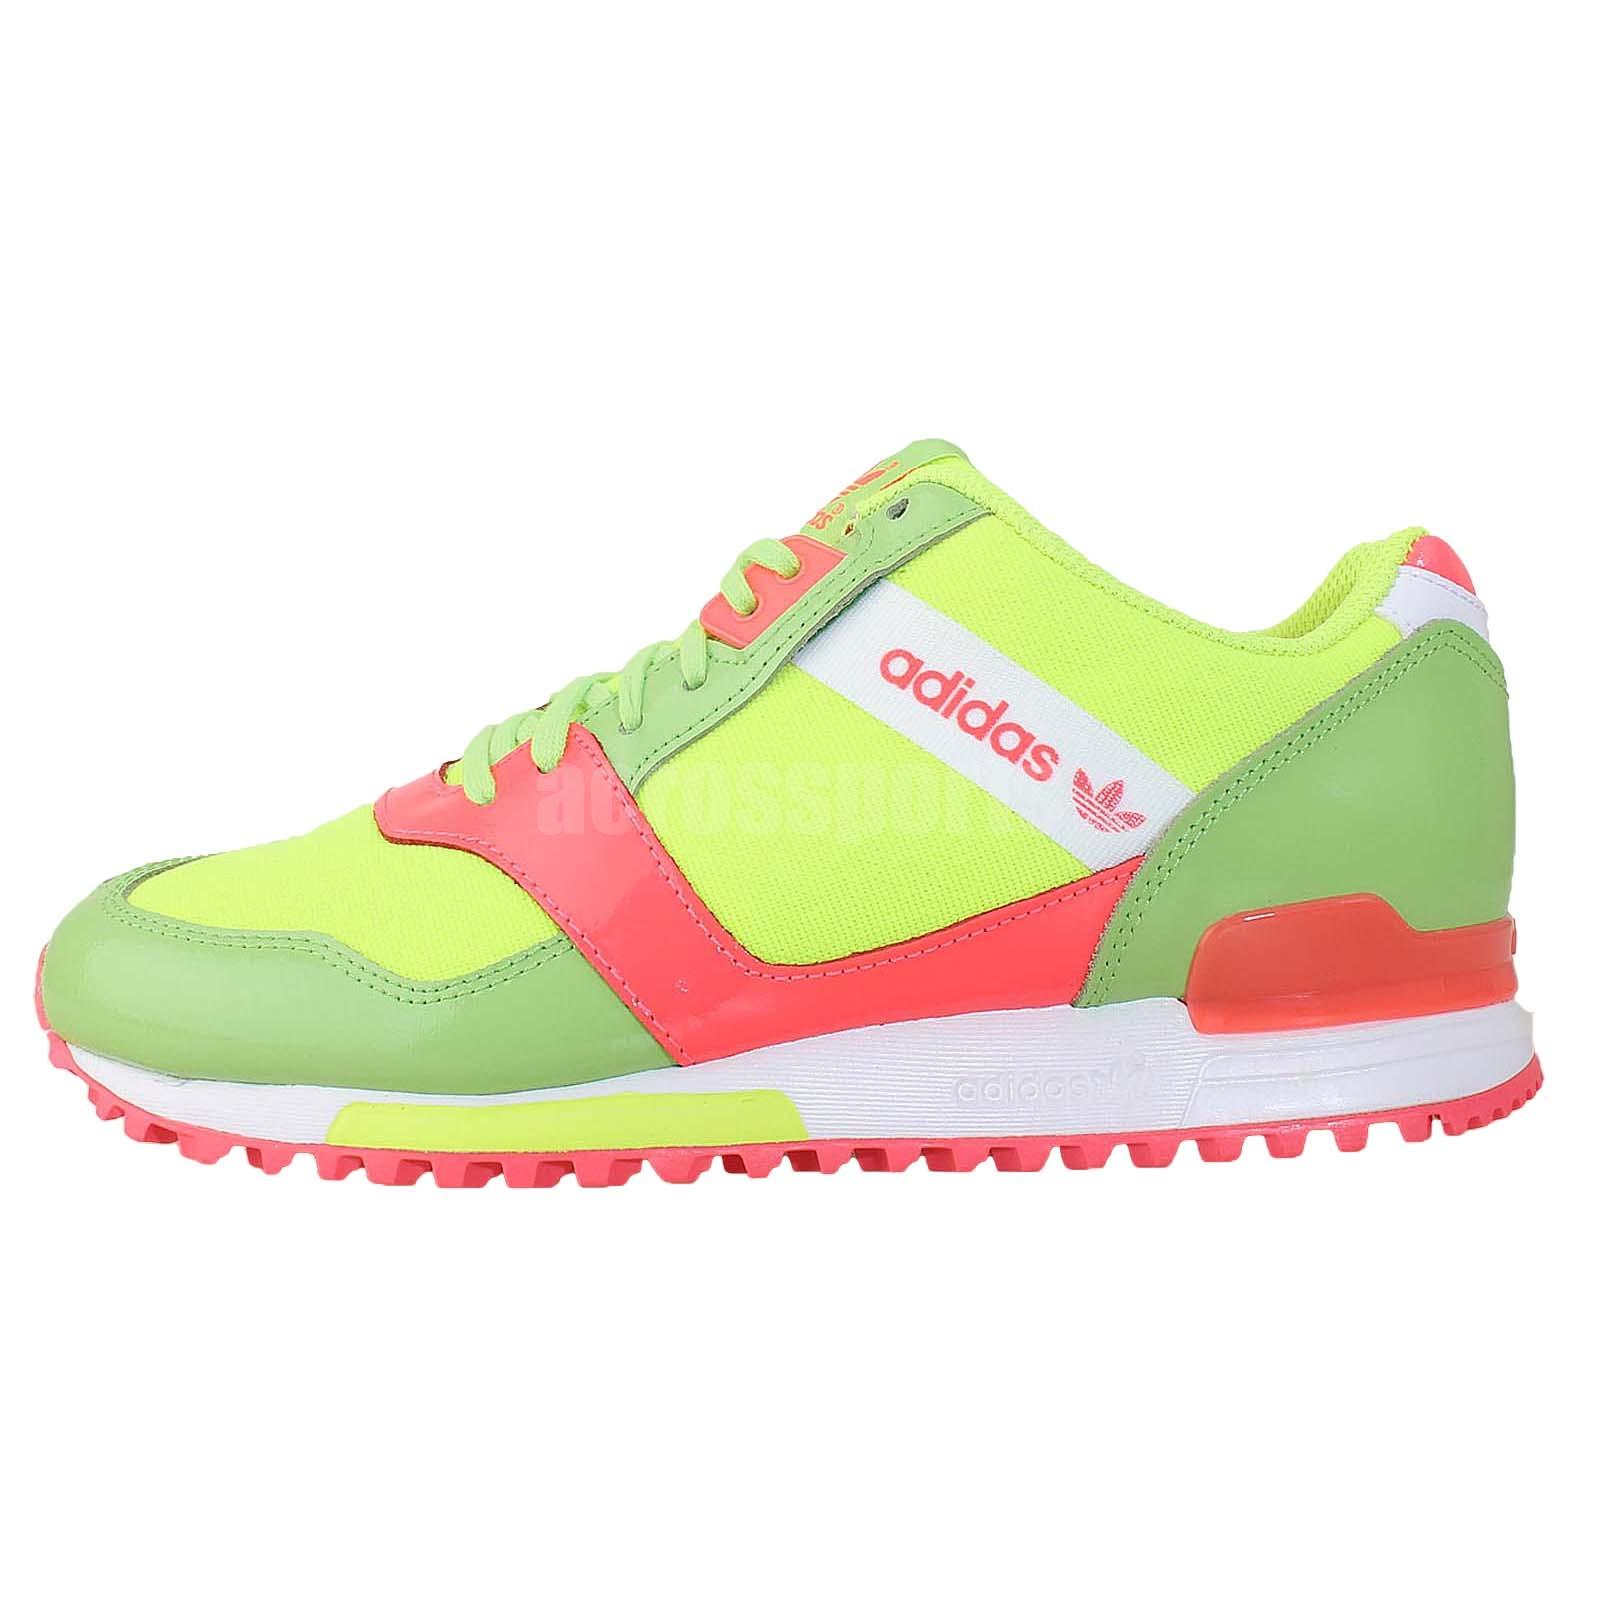 newest 23a2f 79010 ... adidas Originals ZX 700 Contemp W Volt Pink Retro Running   Casual  Shoes D65406 ...